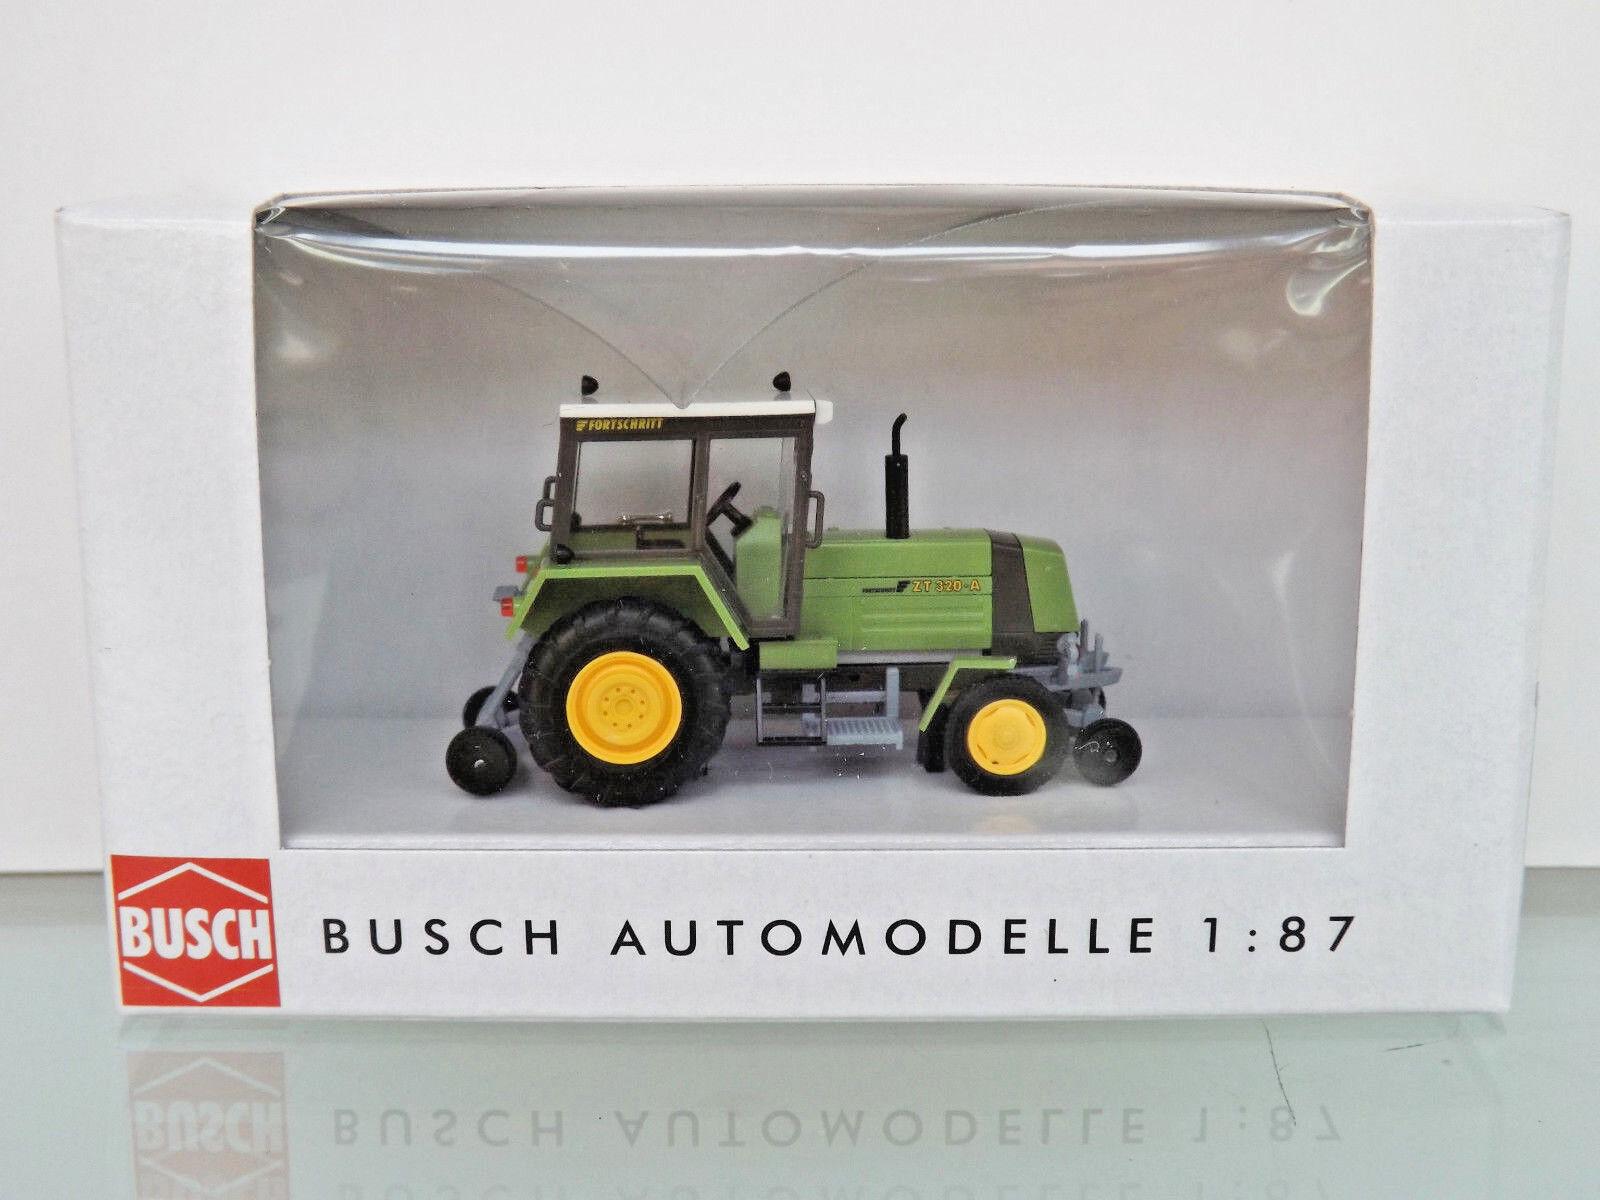 Busch 50409-h0 1 87 - Tracteur Progrès zt320, bidirectionnel-Neuf dans neuf dans sa boîte